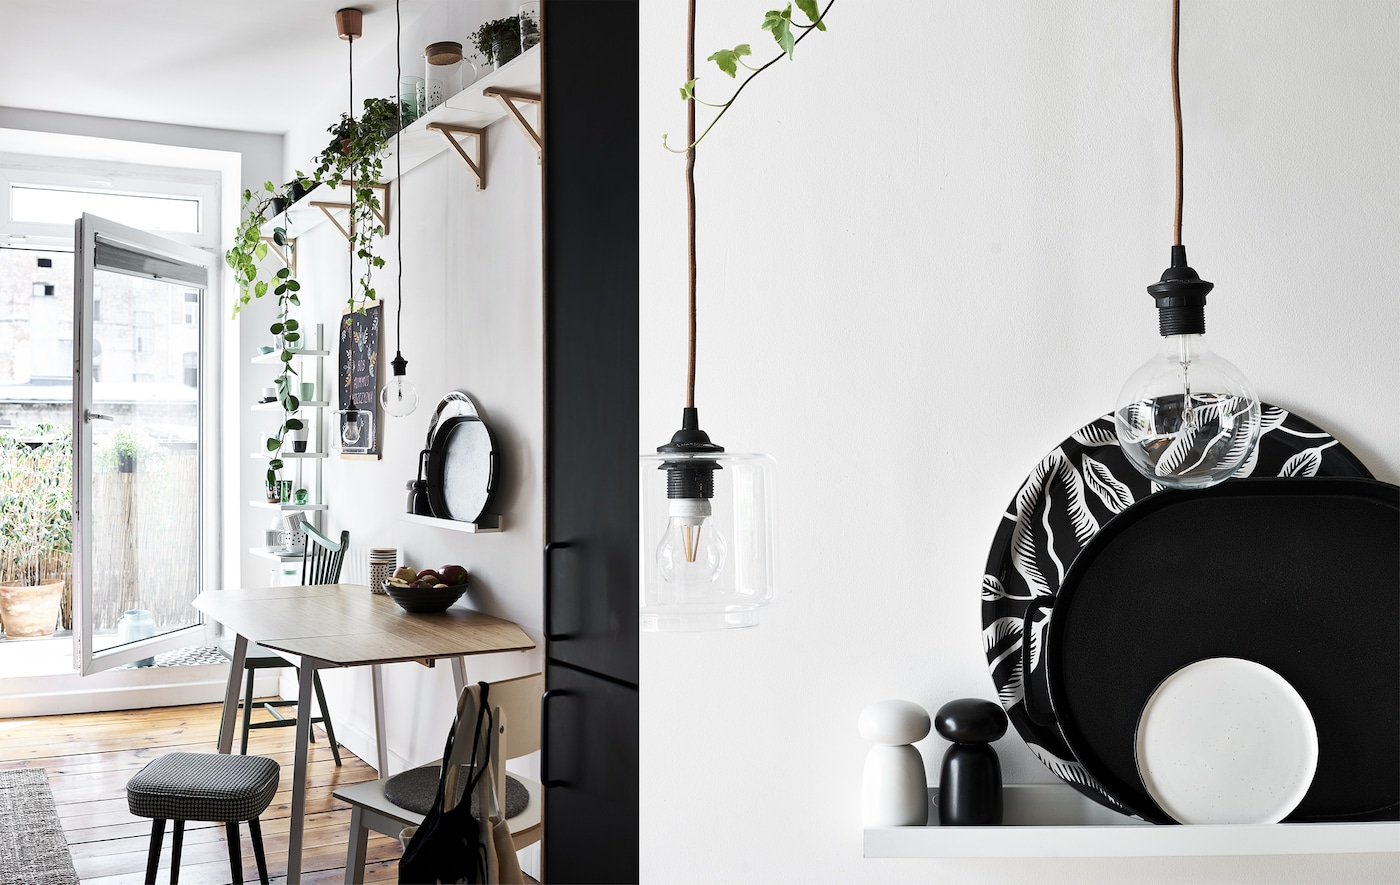 Kuchenny stół z roślinami na półce powyżej, oraz zbliżenie na monochromatyczne tace na półce i żarówki żarnikowe.